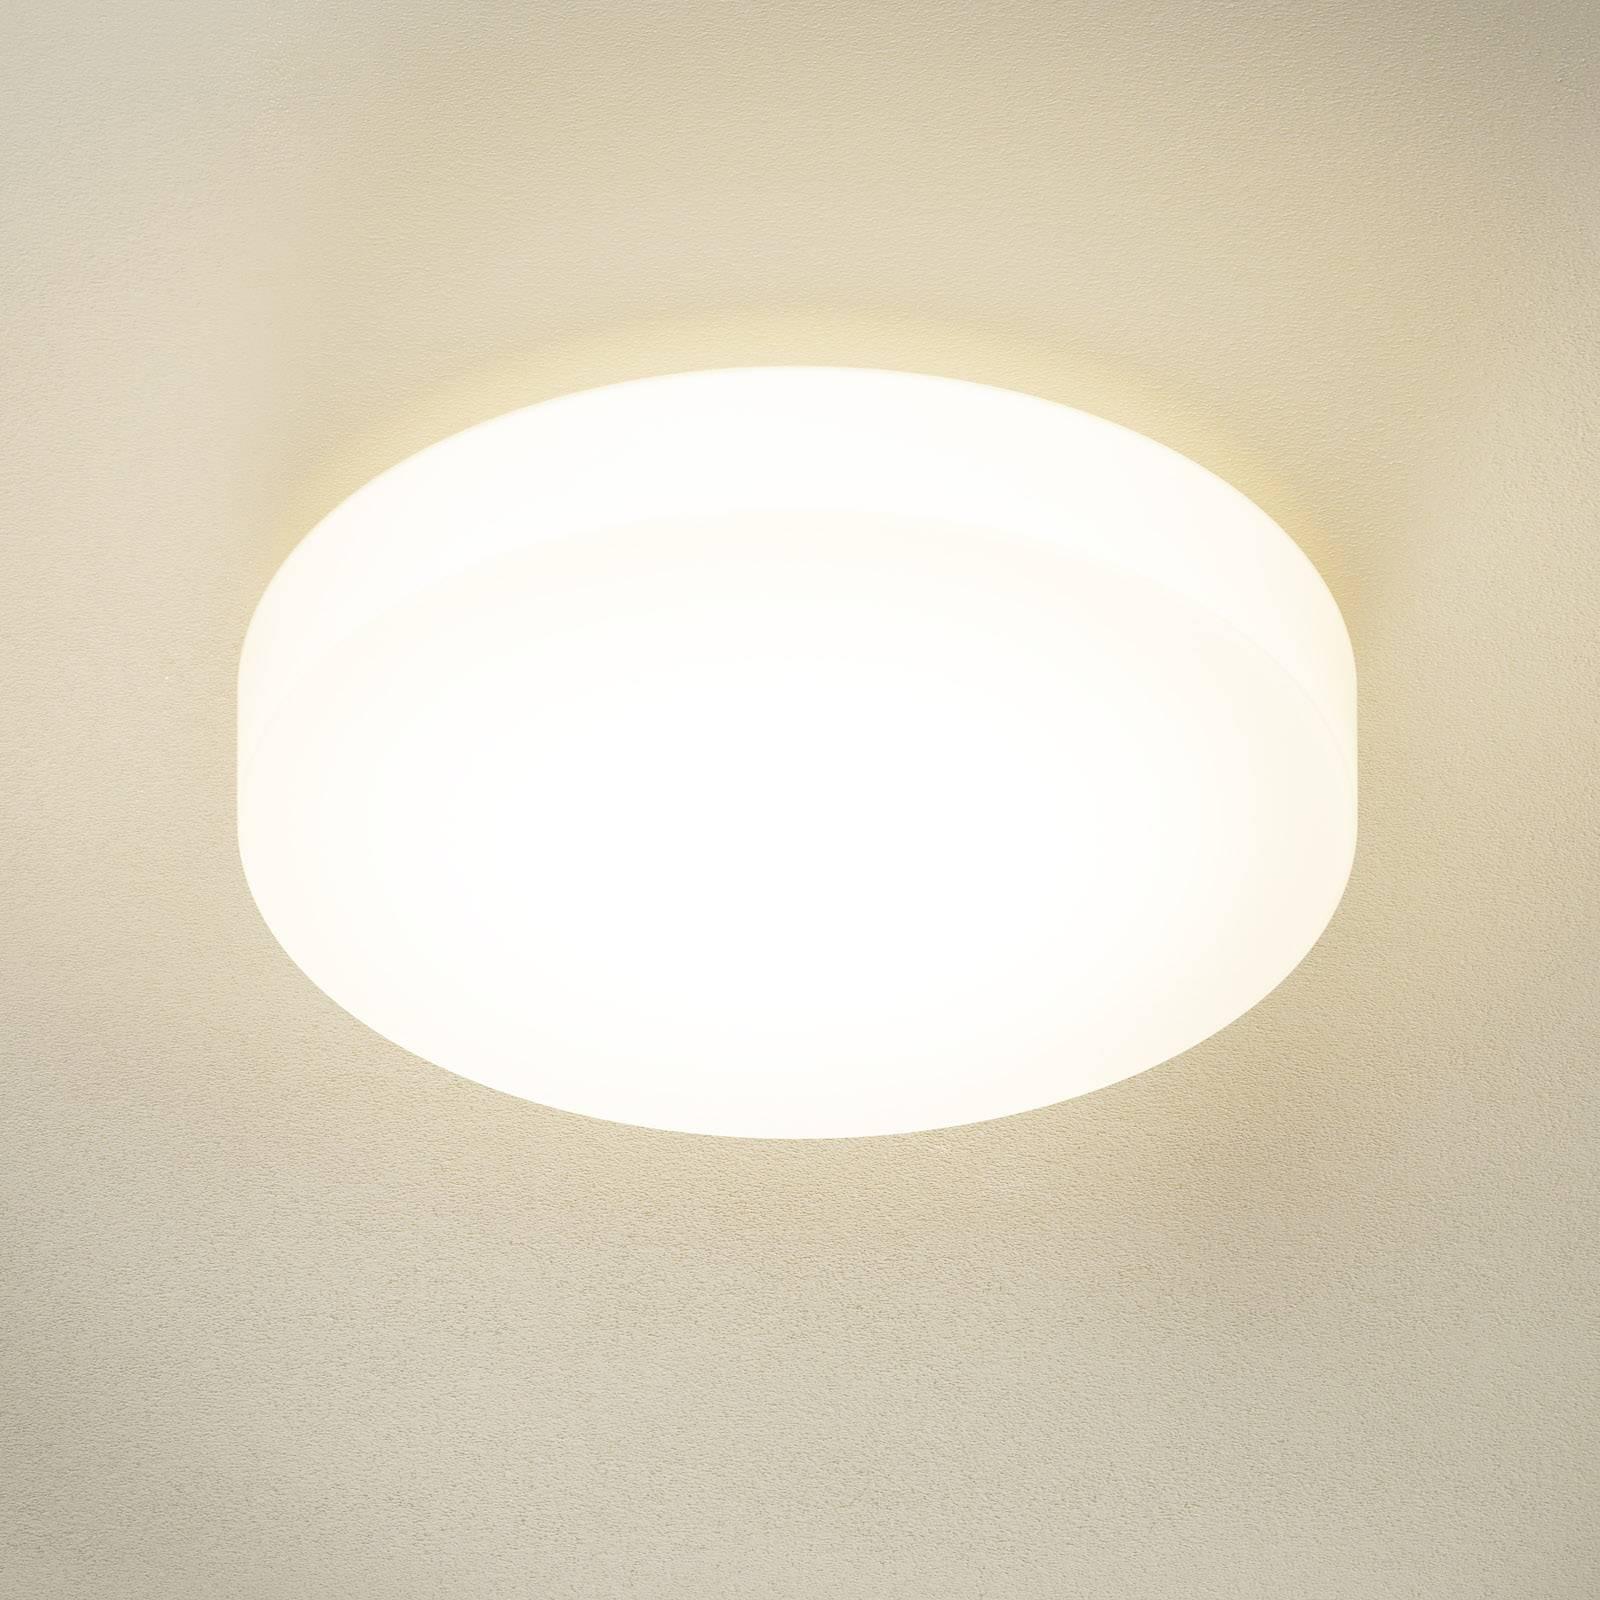 BEGA 23297K3 LED plafondlamp, 3.000K